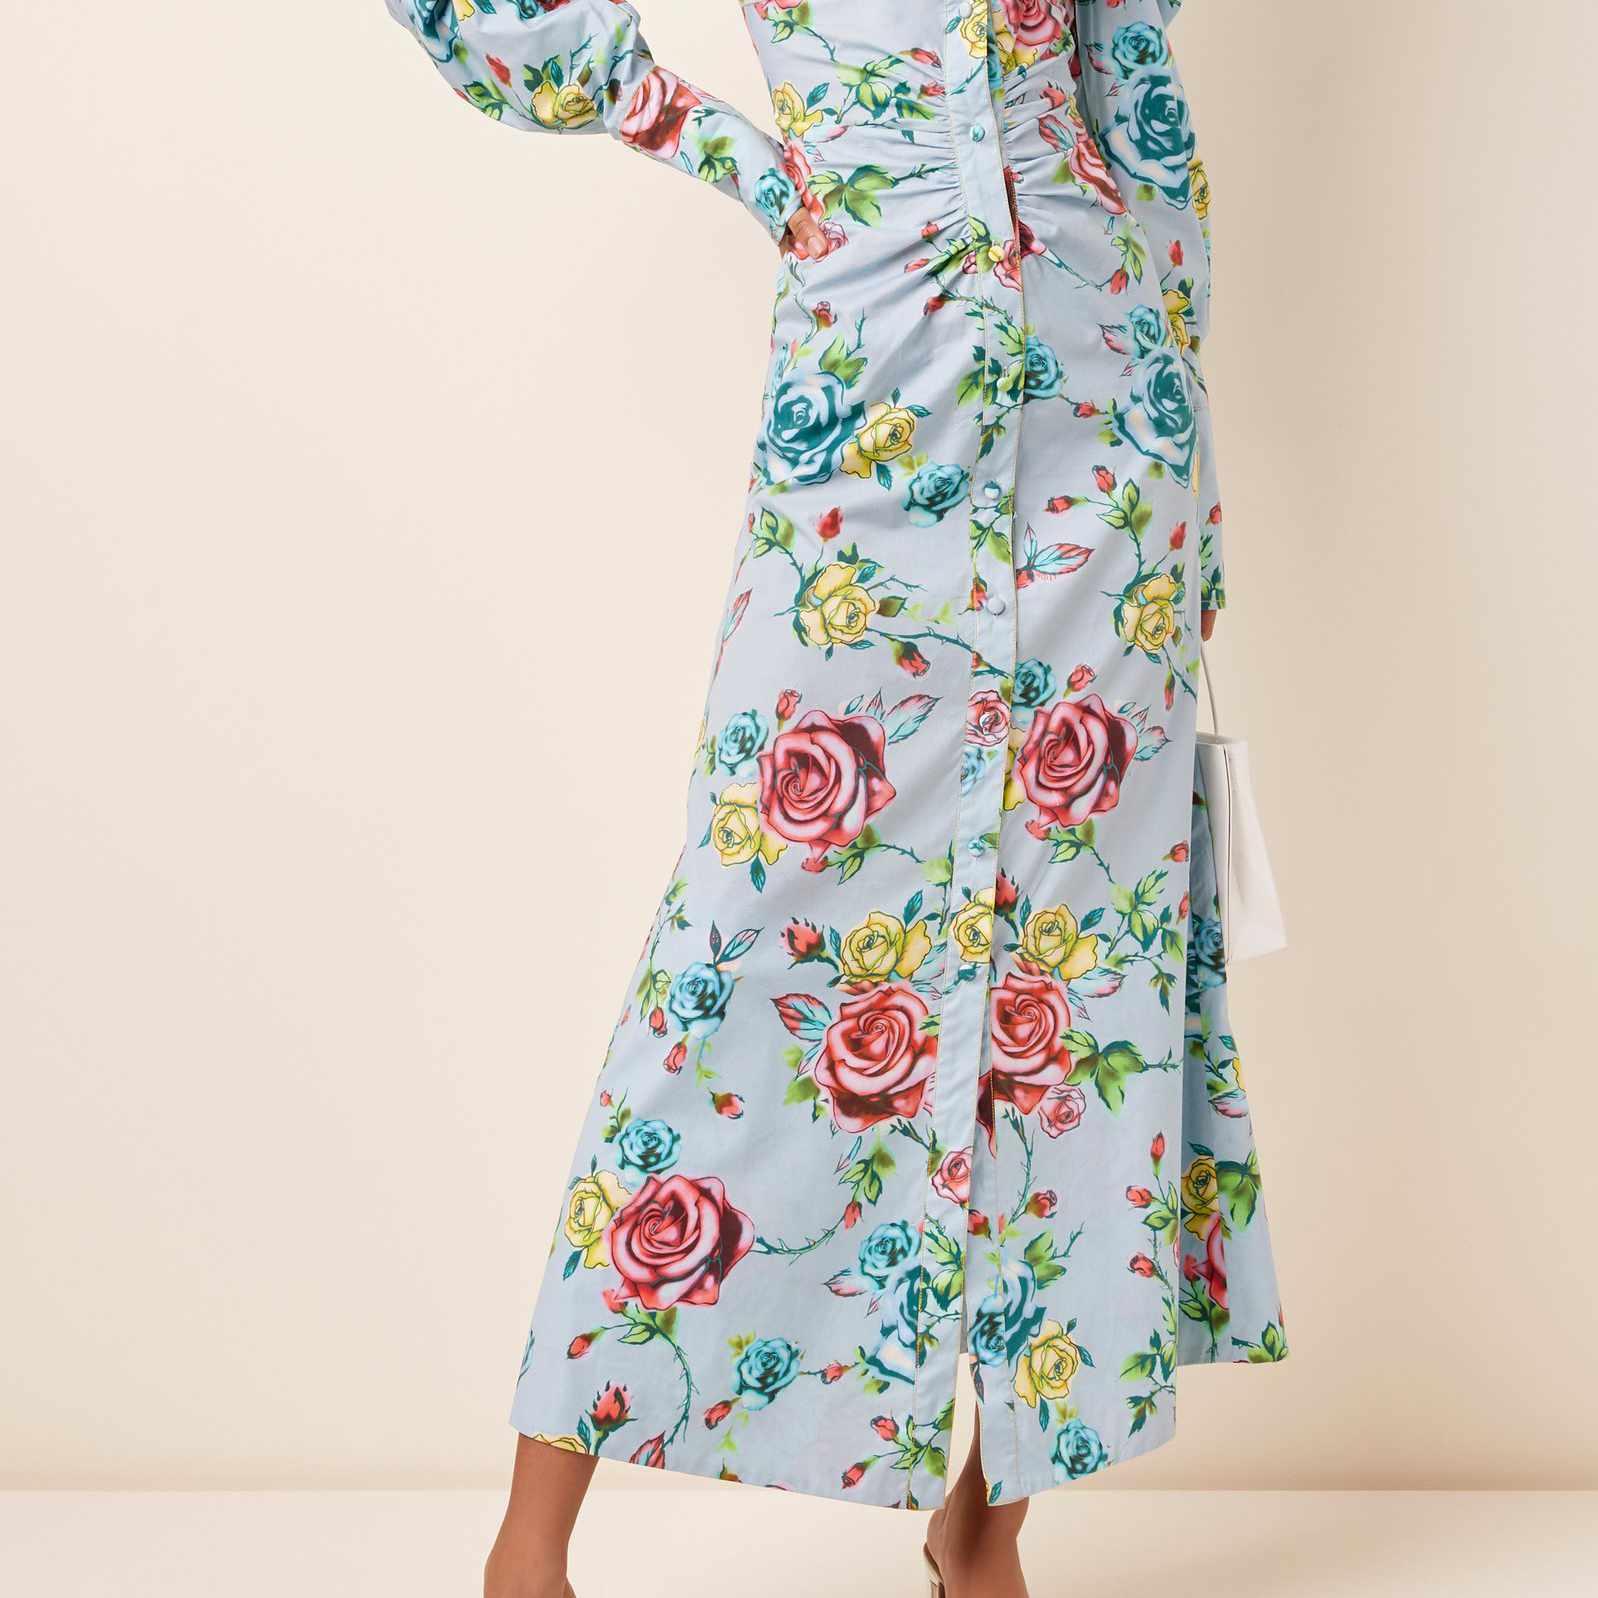 Prabal Gurung Floral-Print Cotton-Blend Shirt Dress, $1,295